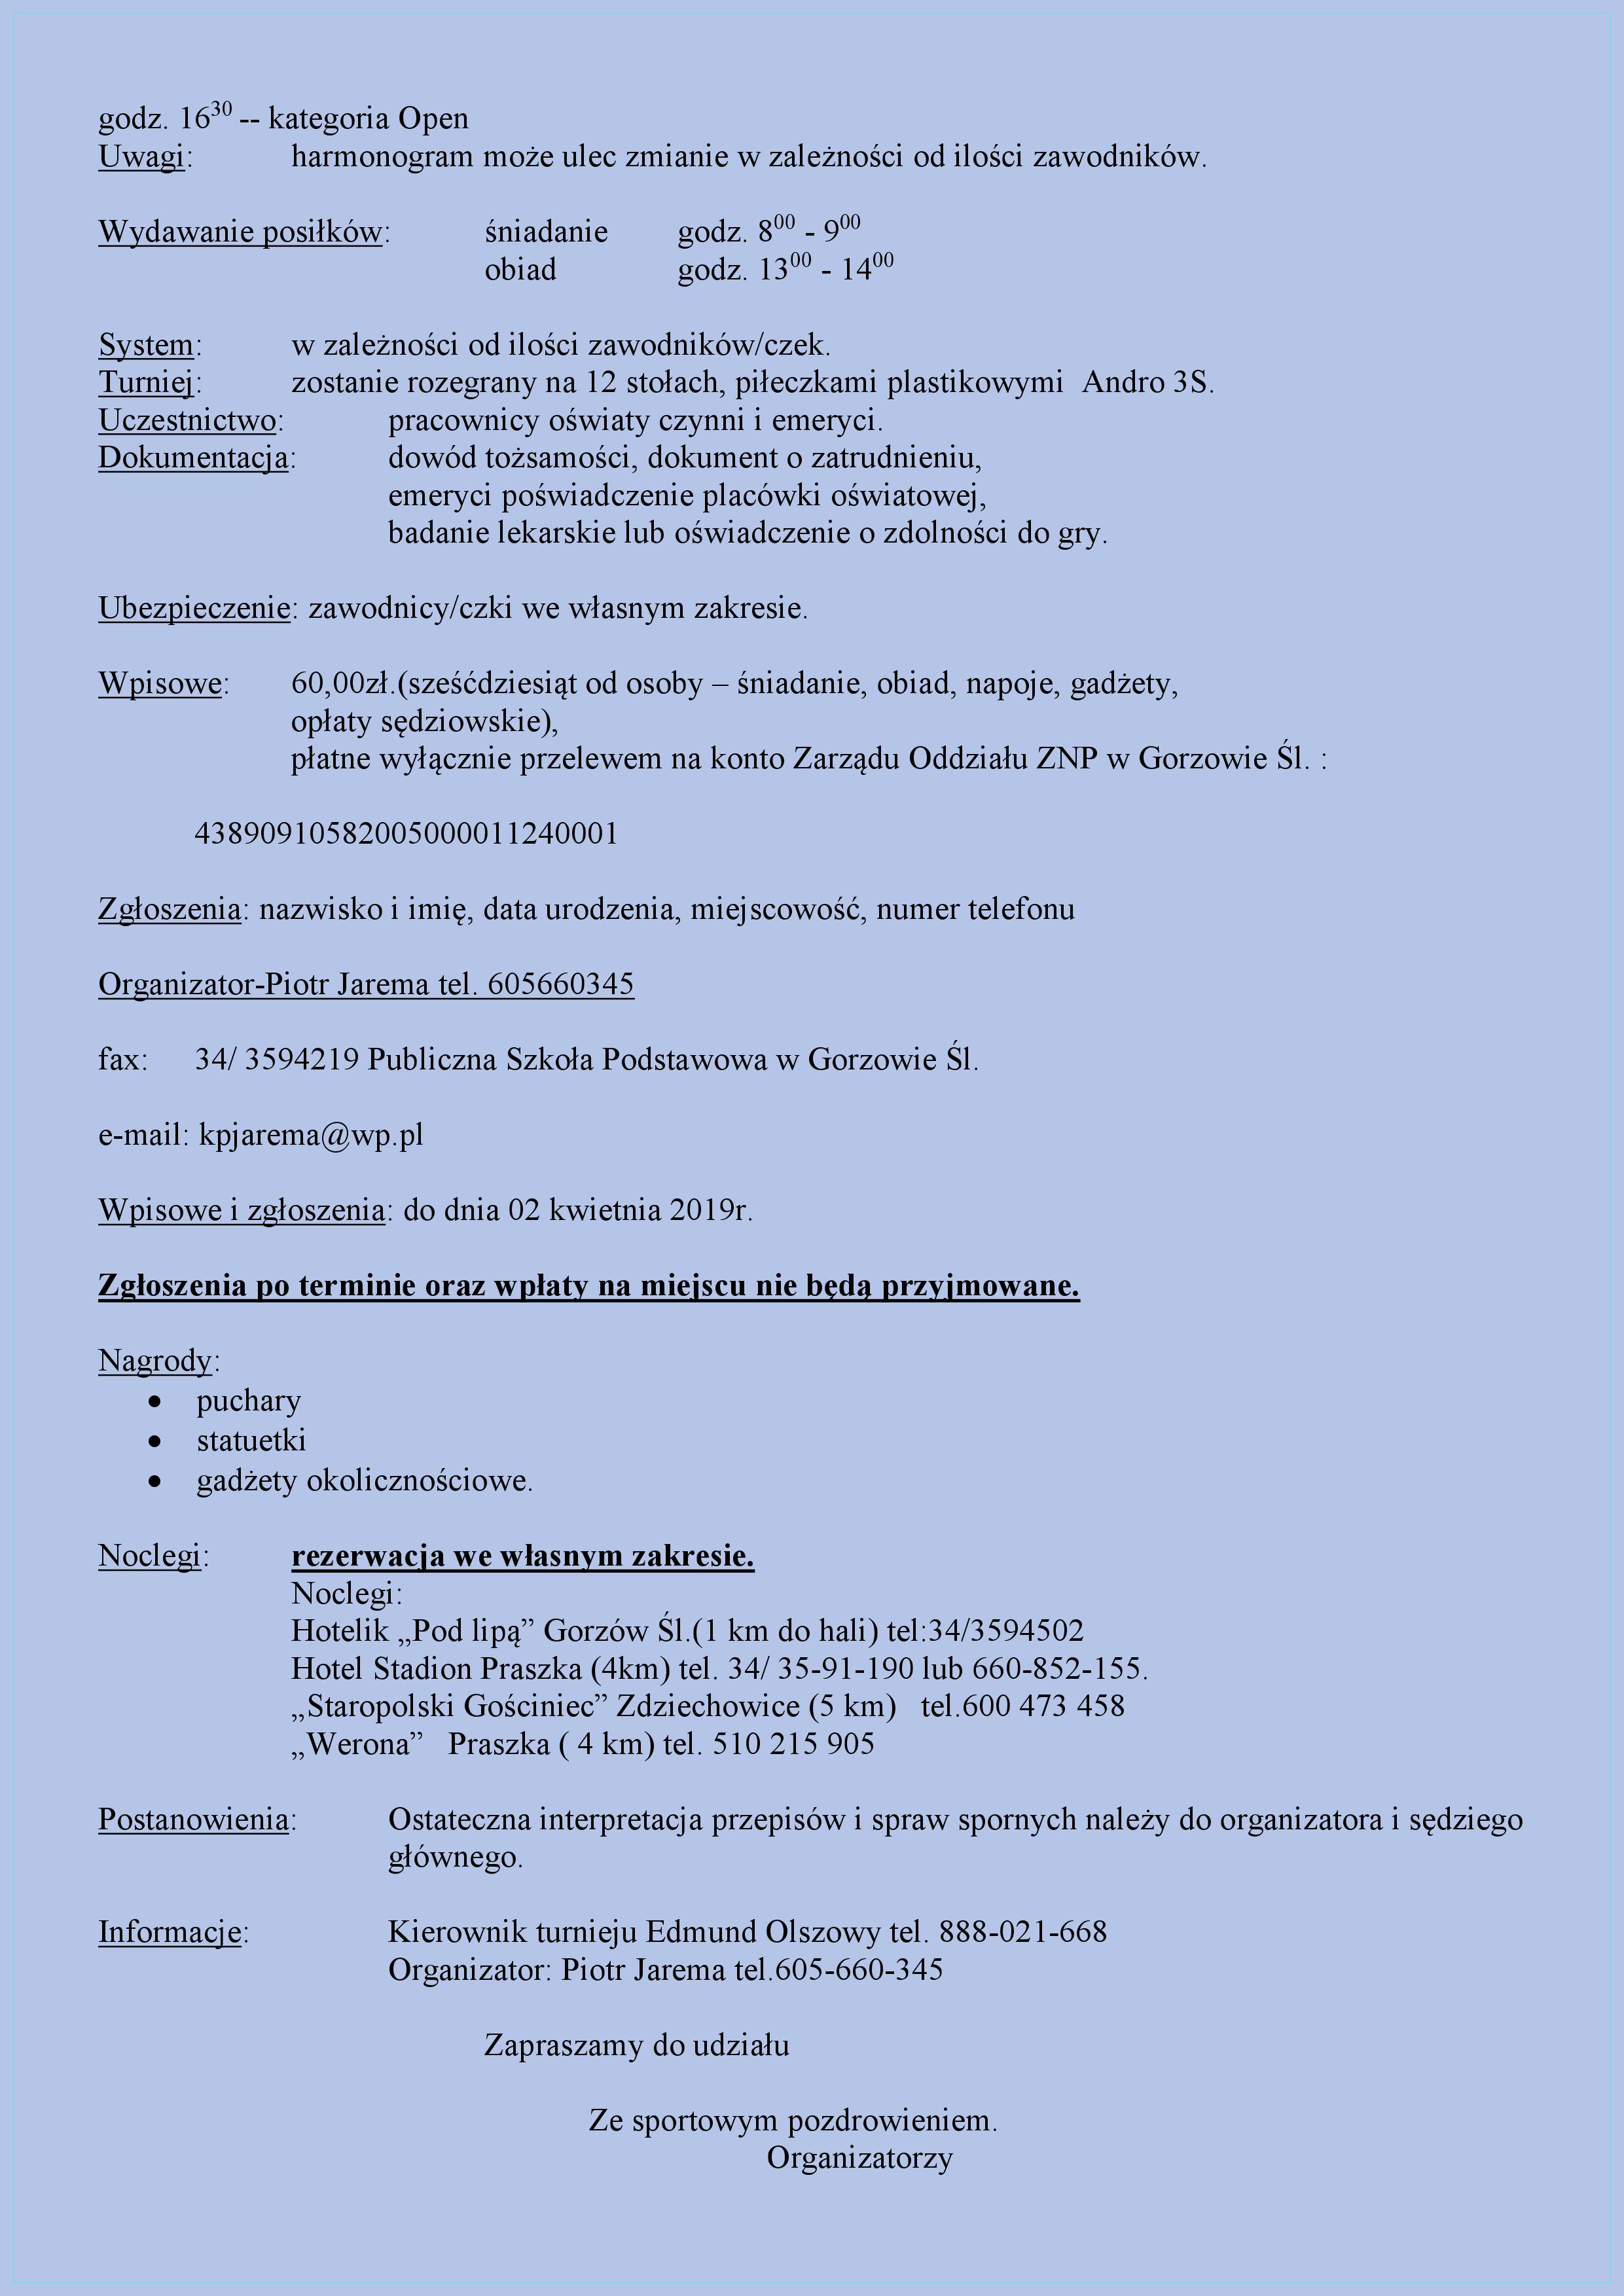 ogolnopolski_turniej_2